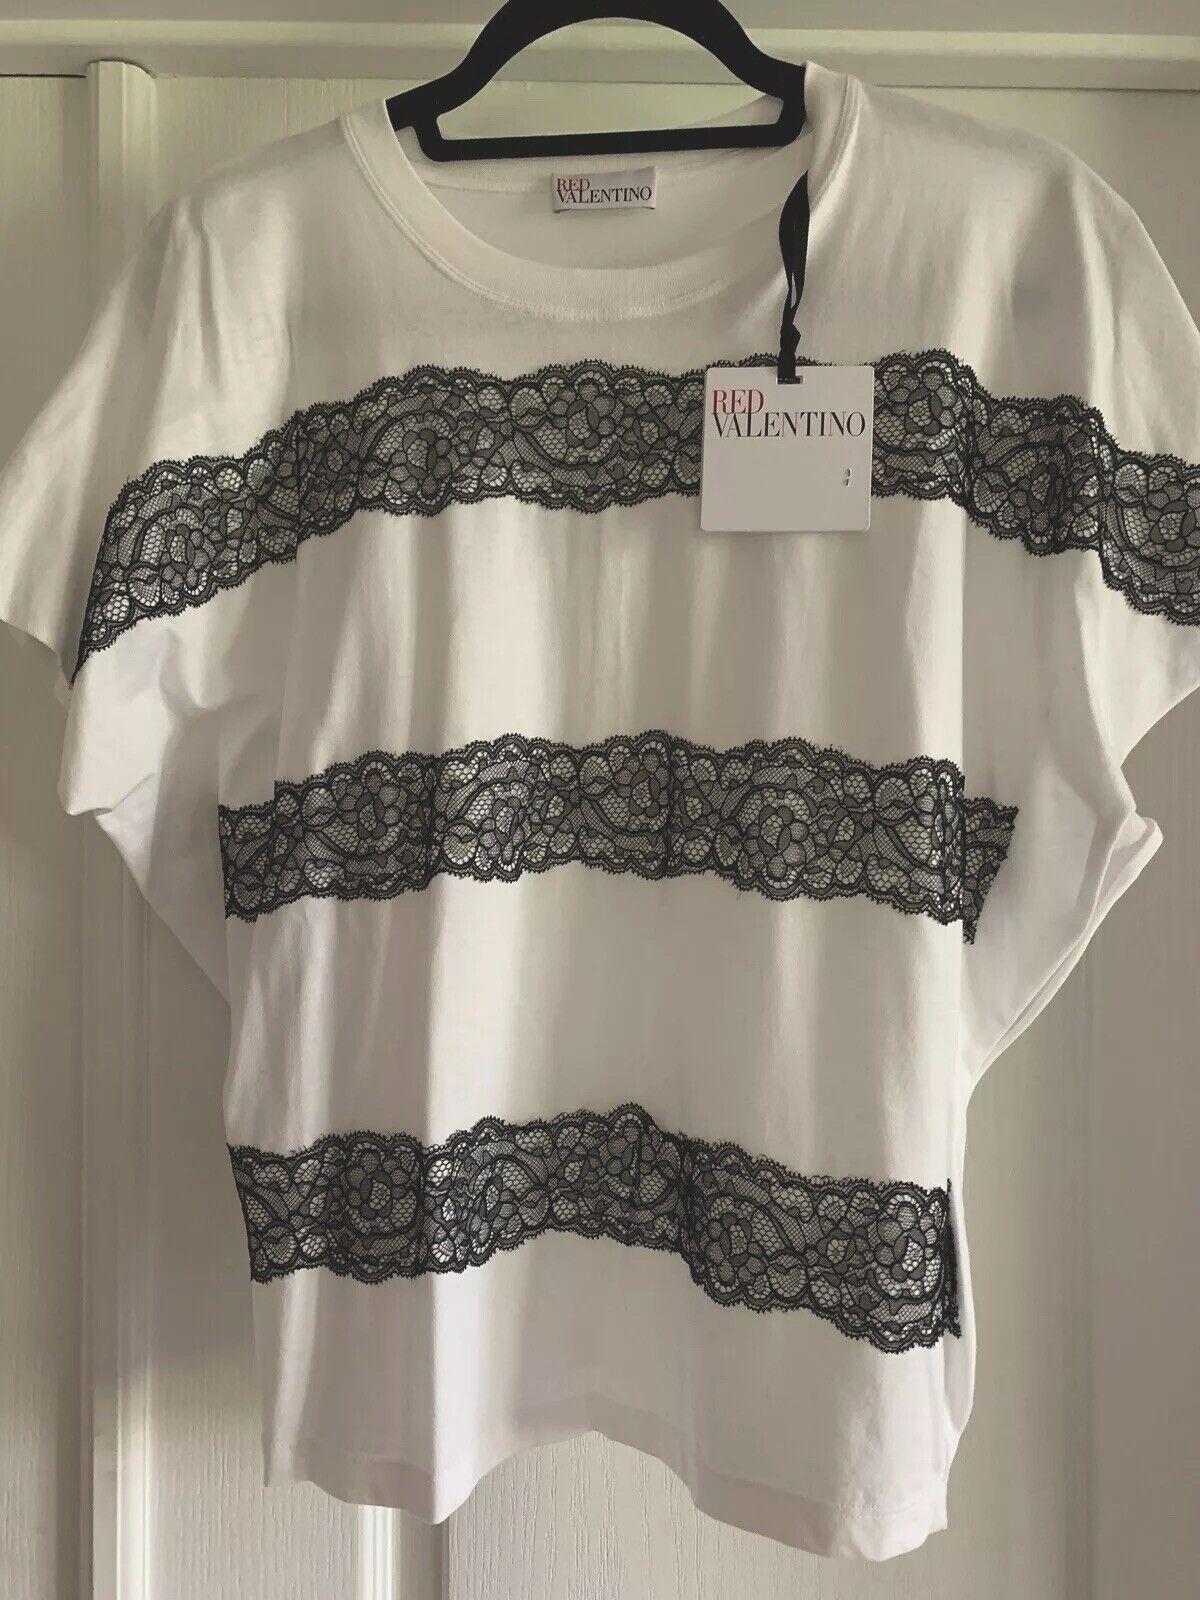 rot Valentino T-shirt Weiß Cotton schwarz  Laces MRSP  Größe S NWT